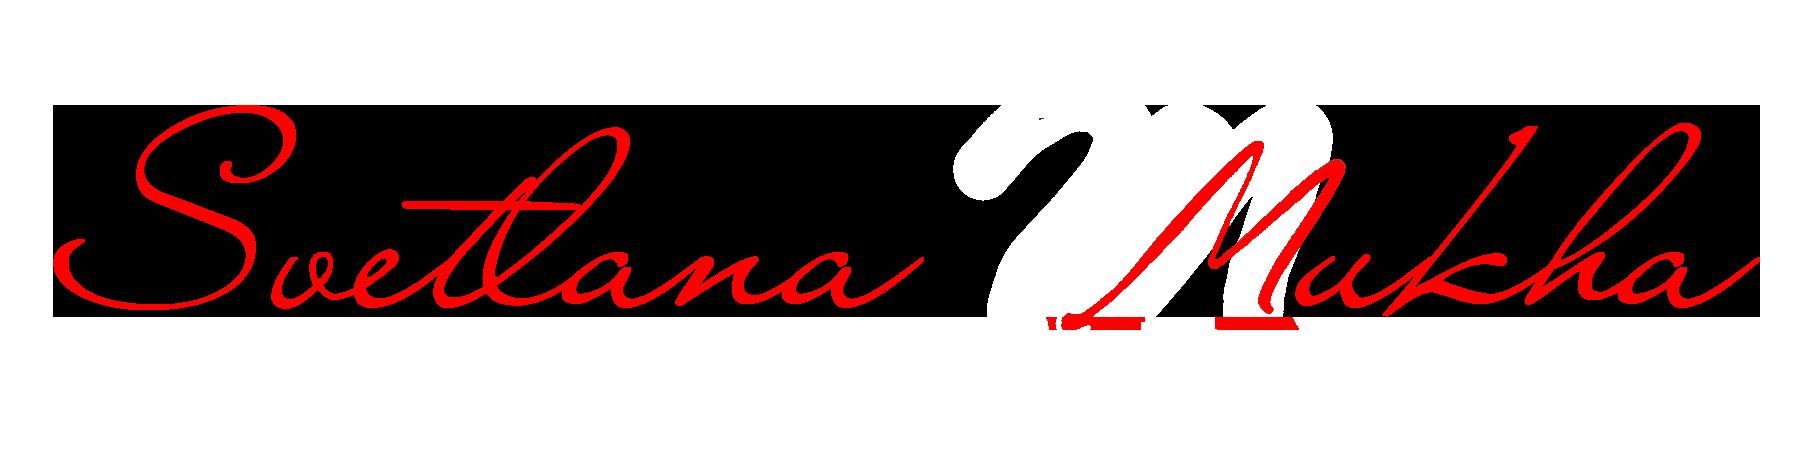 Личный блог профессионального метчмейкера Светланы Муха